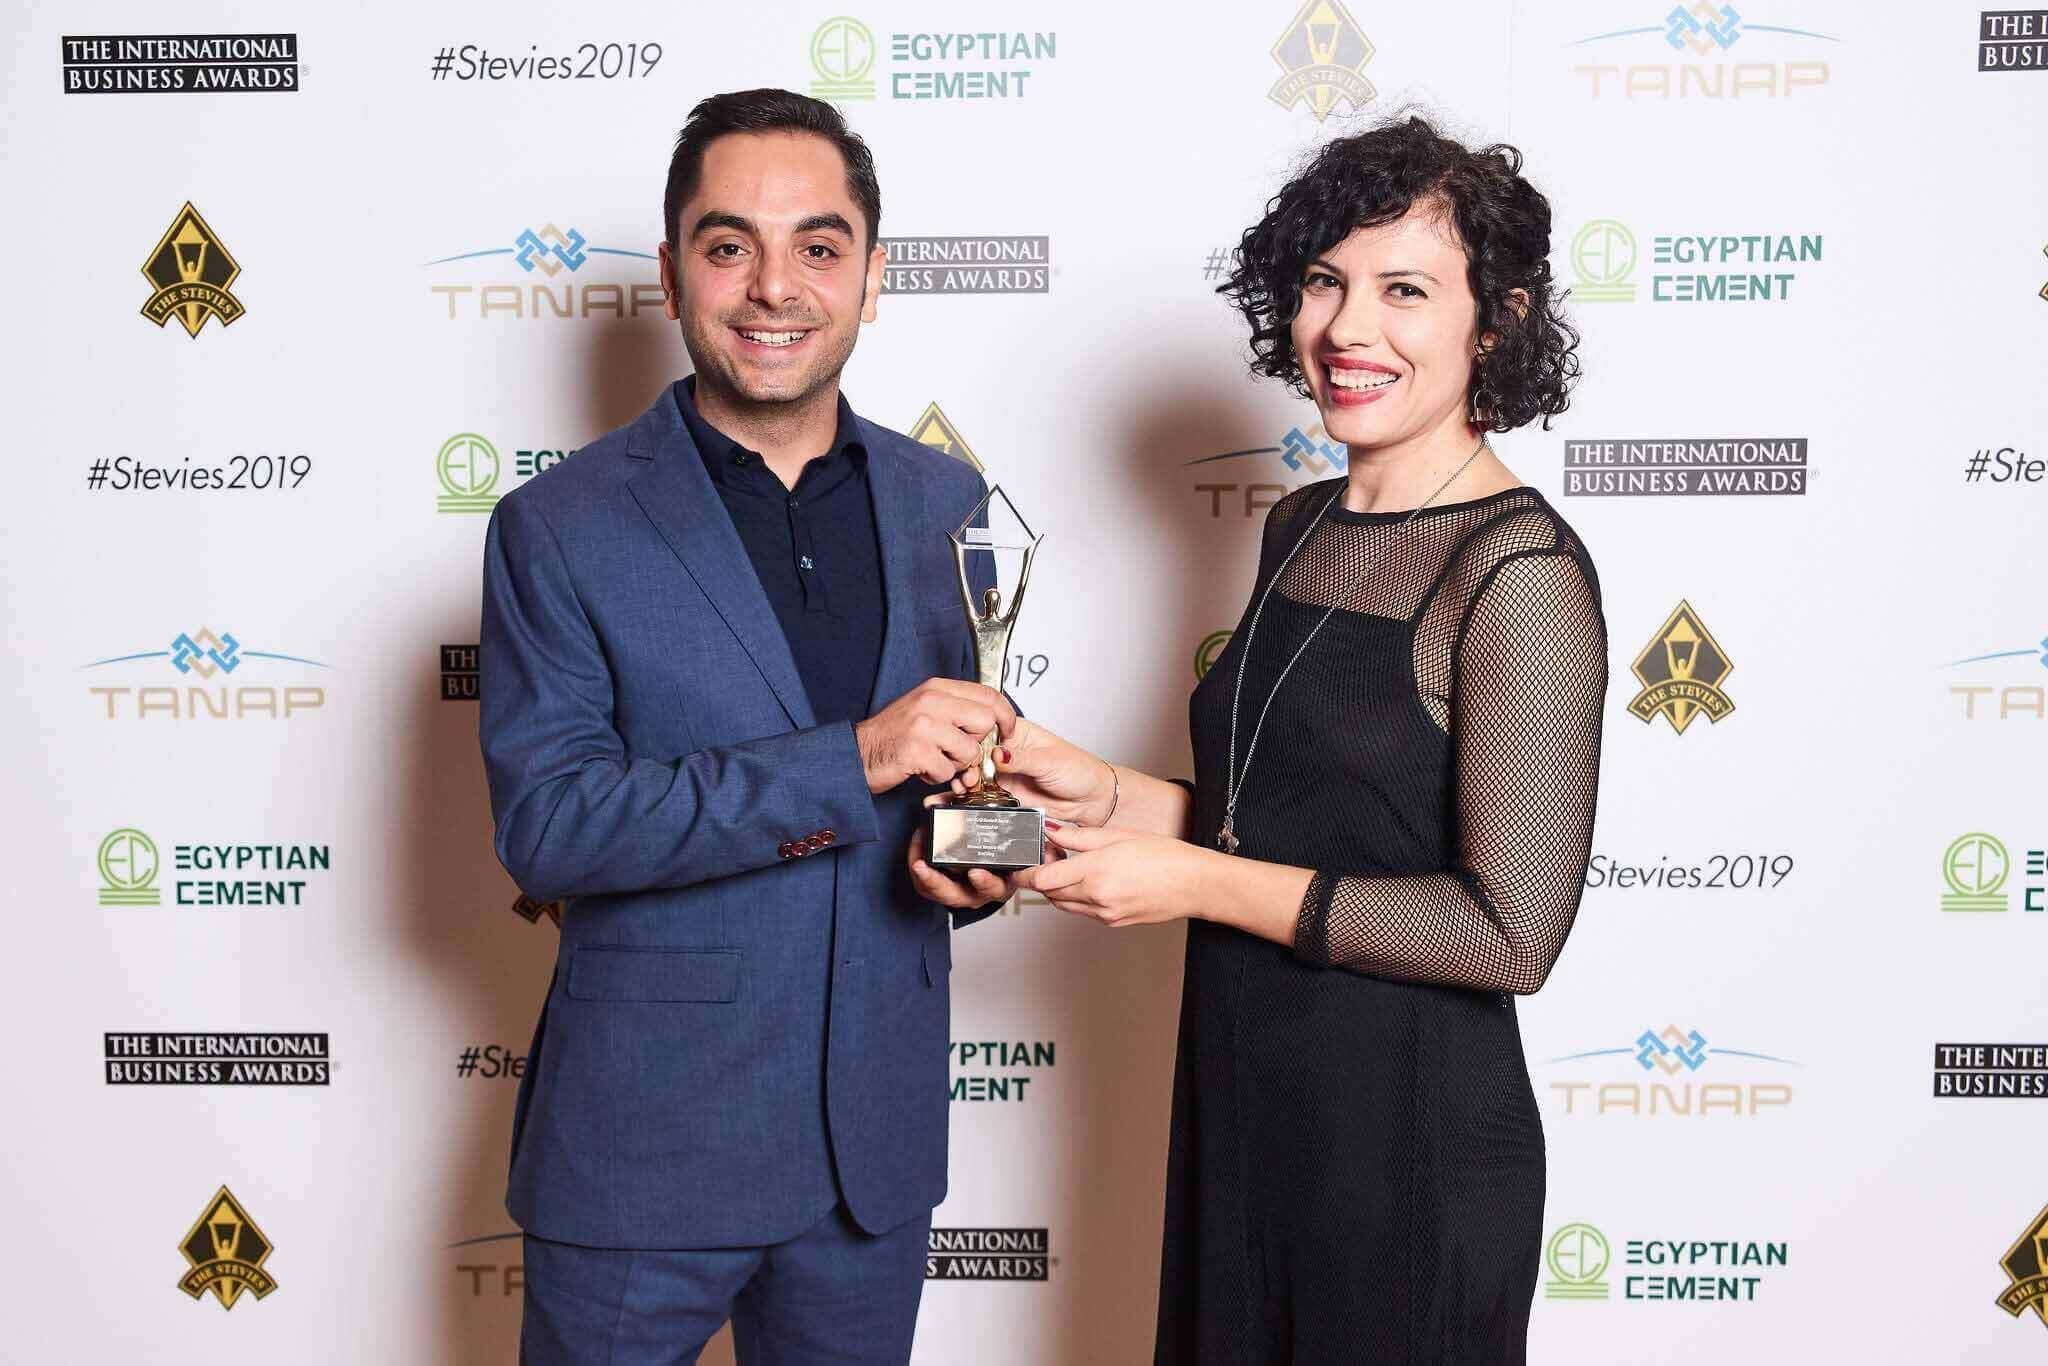 borusan turuncu blog stevie ödülü